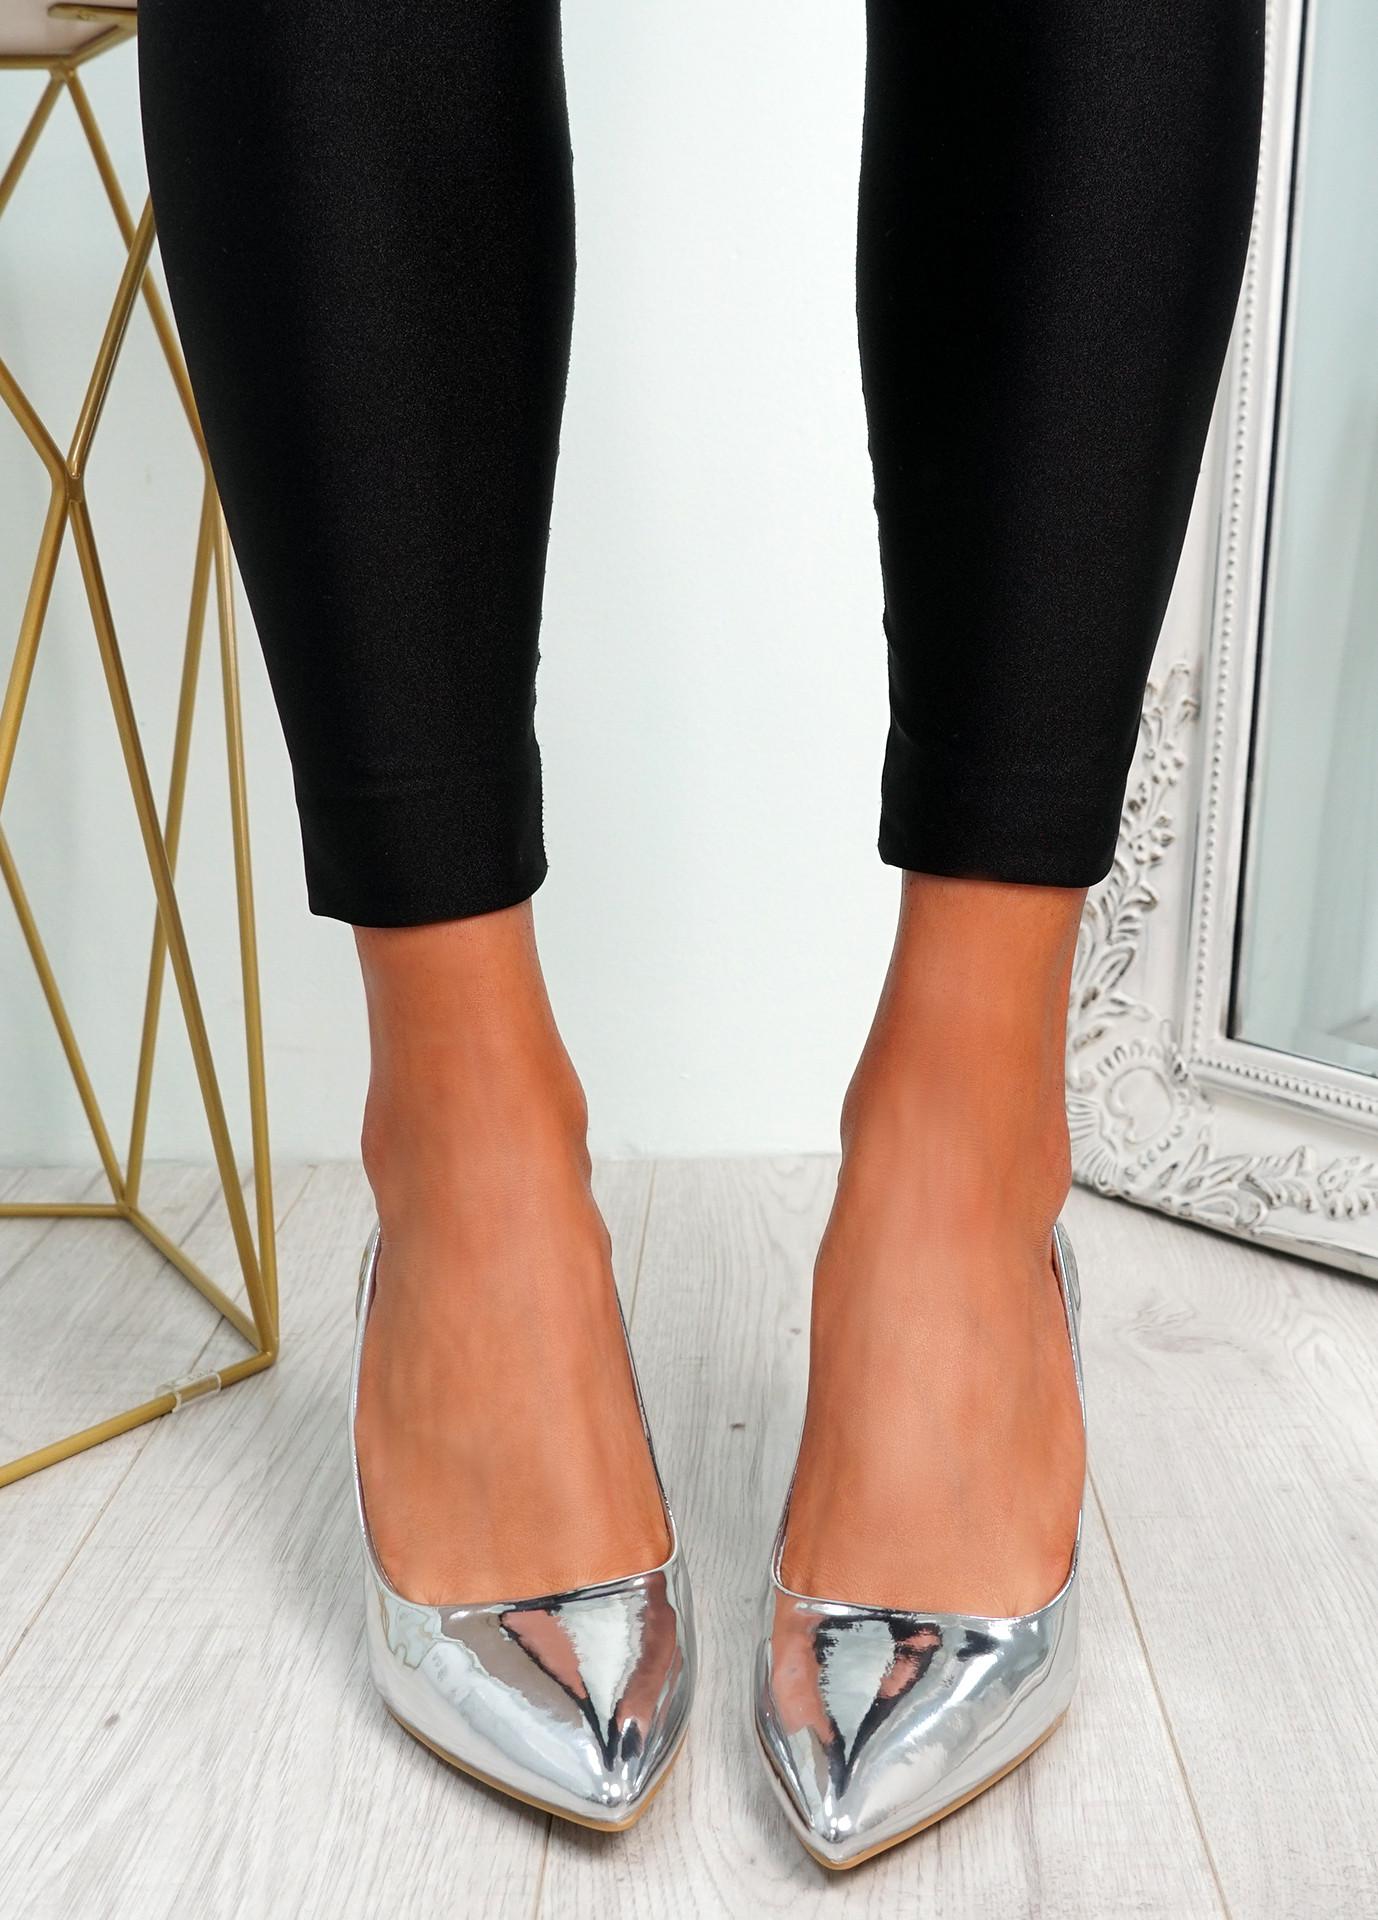 Votty Silver Stiletto Heel Pumps